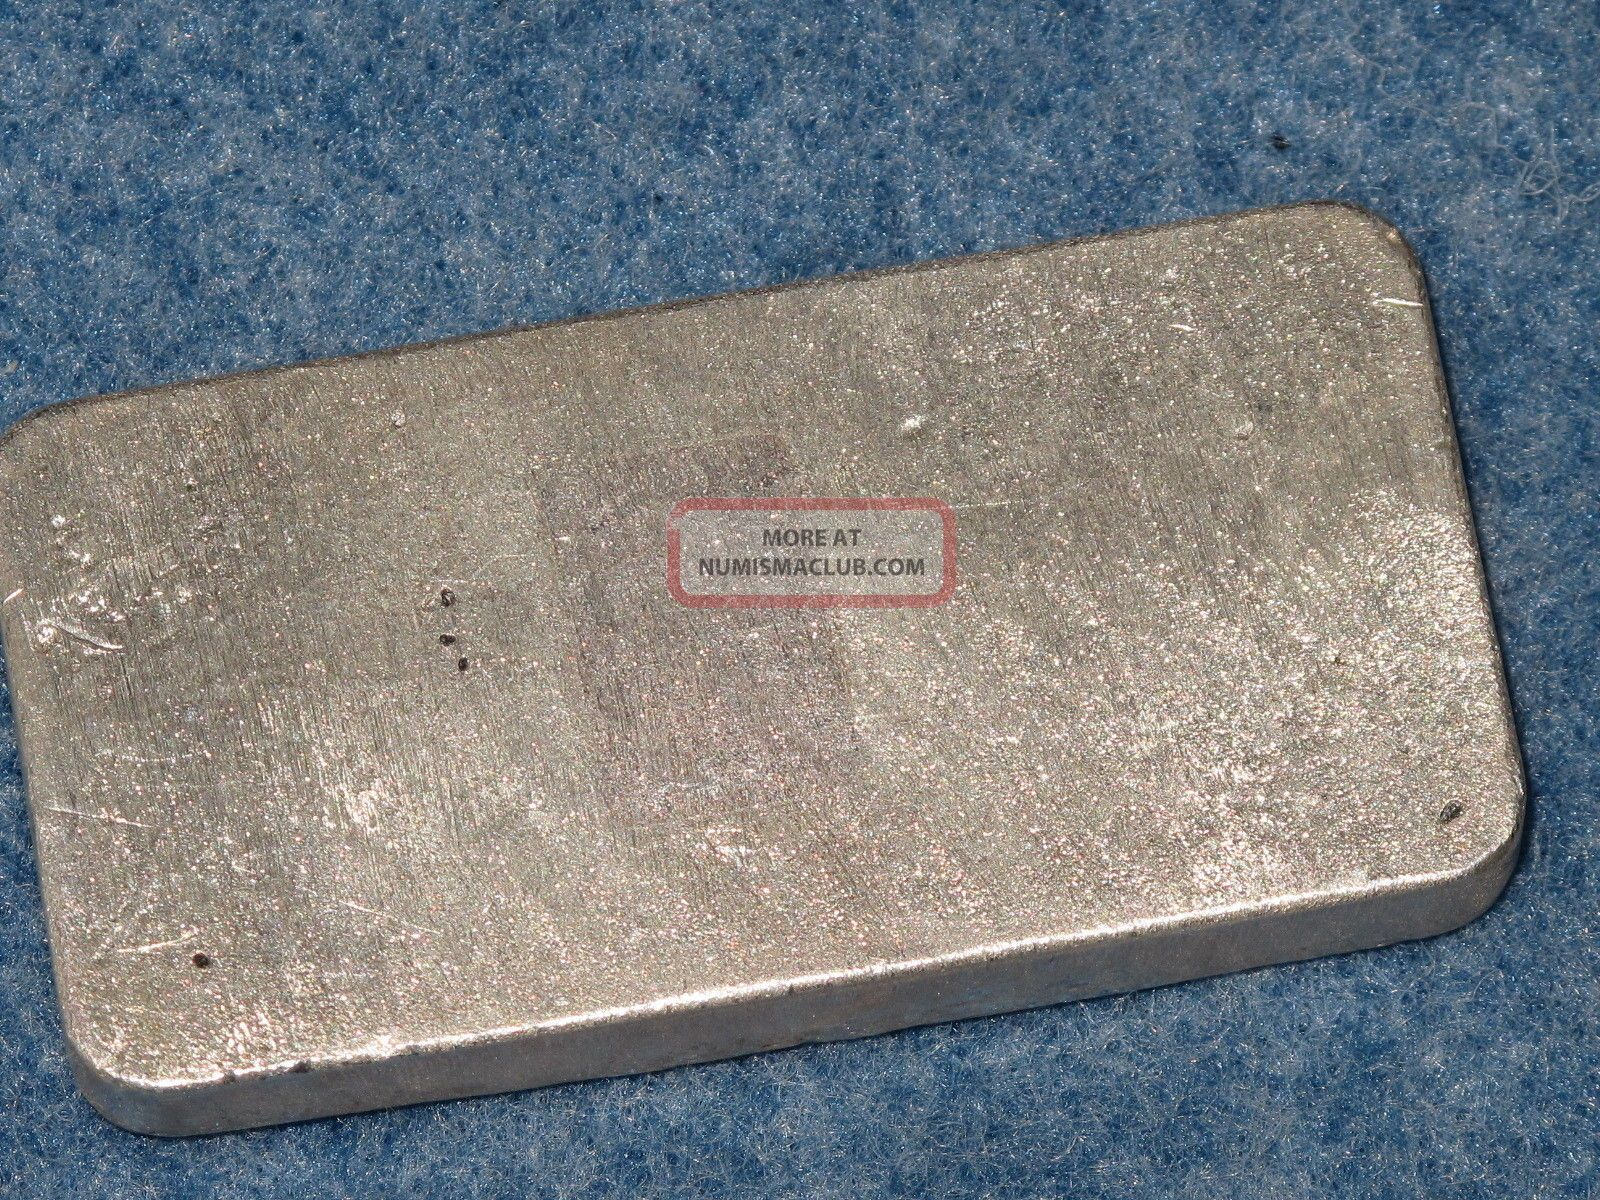 bache 999 silver 10 oz ingot bar old poured type b6961. Black Bedroom Furniture Sets. Home Design Ideas